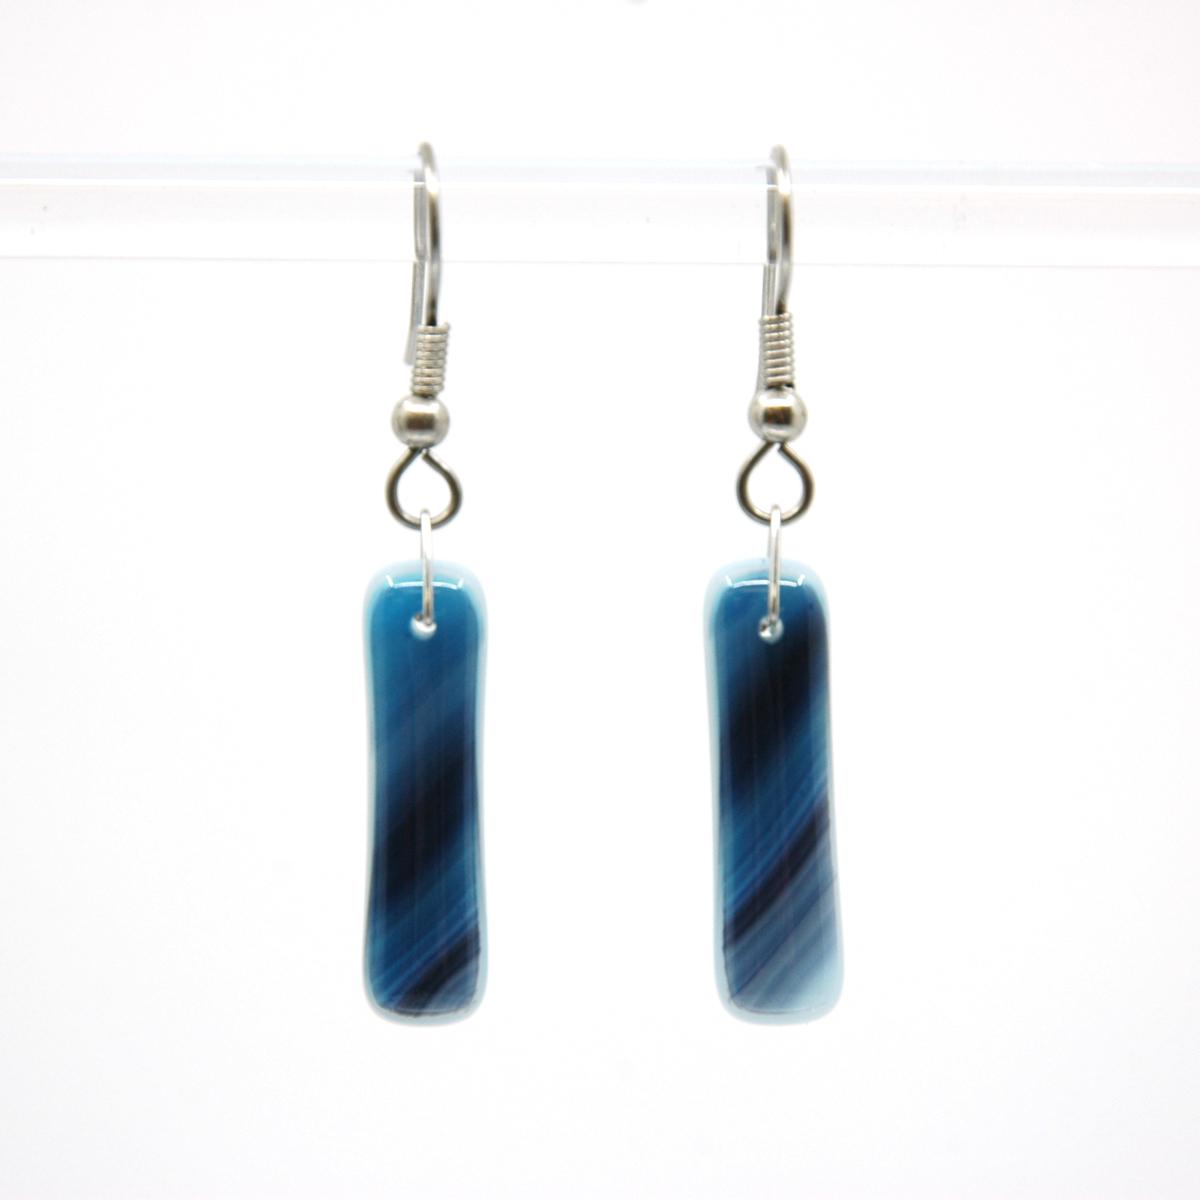 BlueberrySwirlEarrings-3.3-1200×72